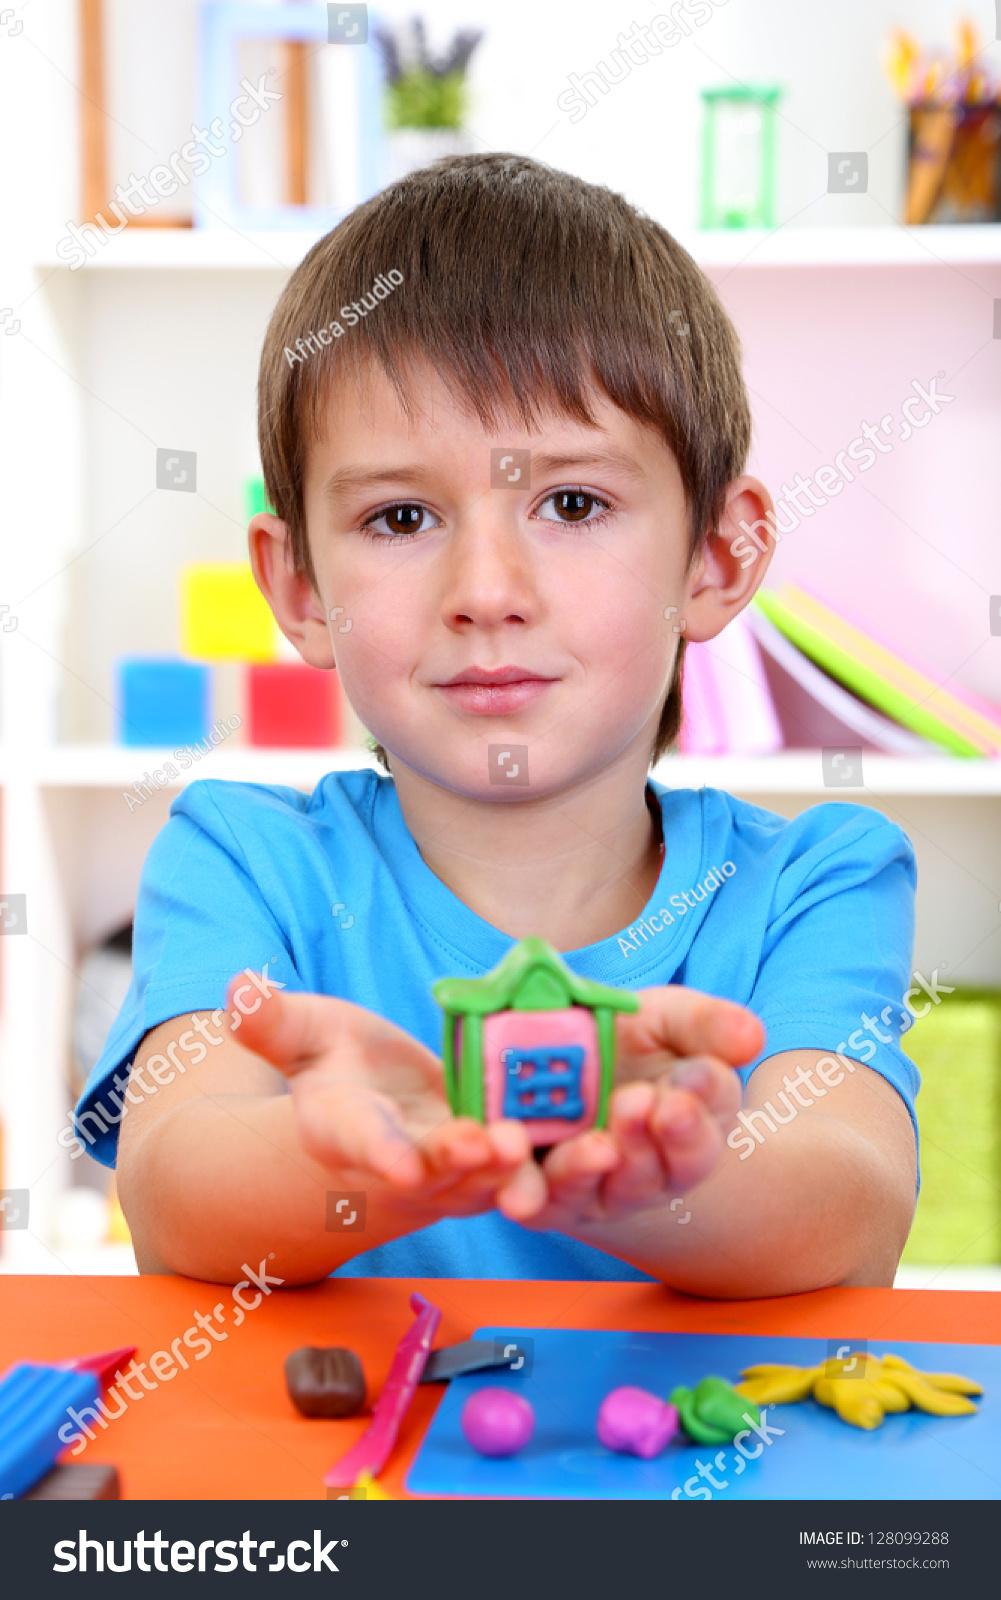 可爱的小男孩抱着手工制作的橡皮泥房子在桌上-人物